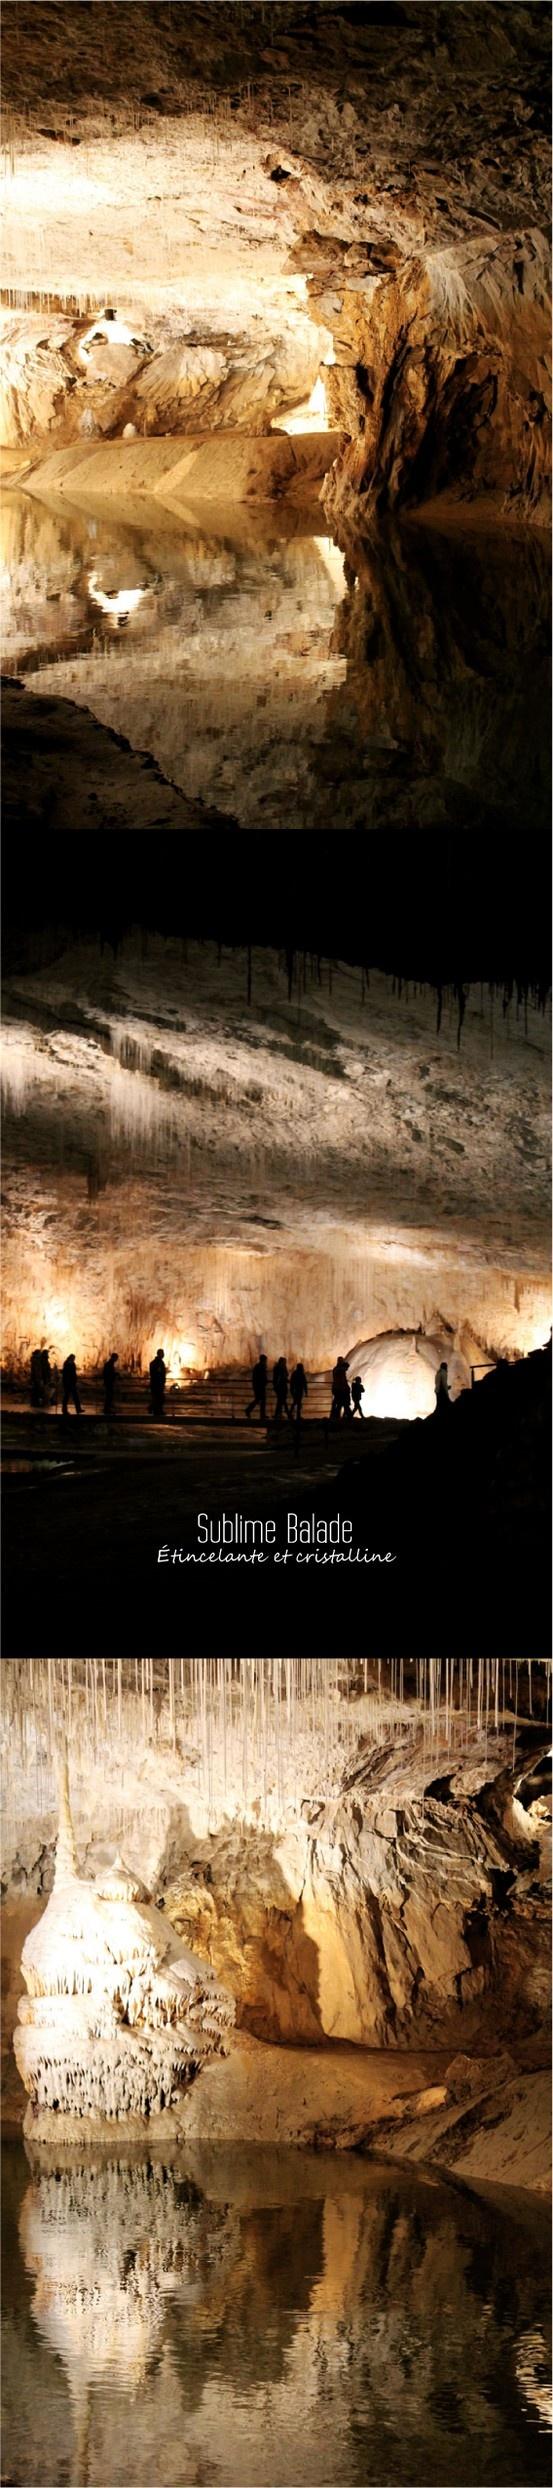 Grotte de Choranche : féérie souterraine. Drôme. France. Photo : ©Isabelle Duvivier